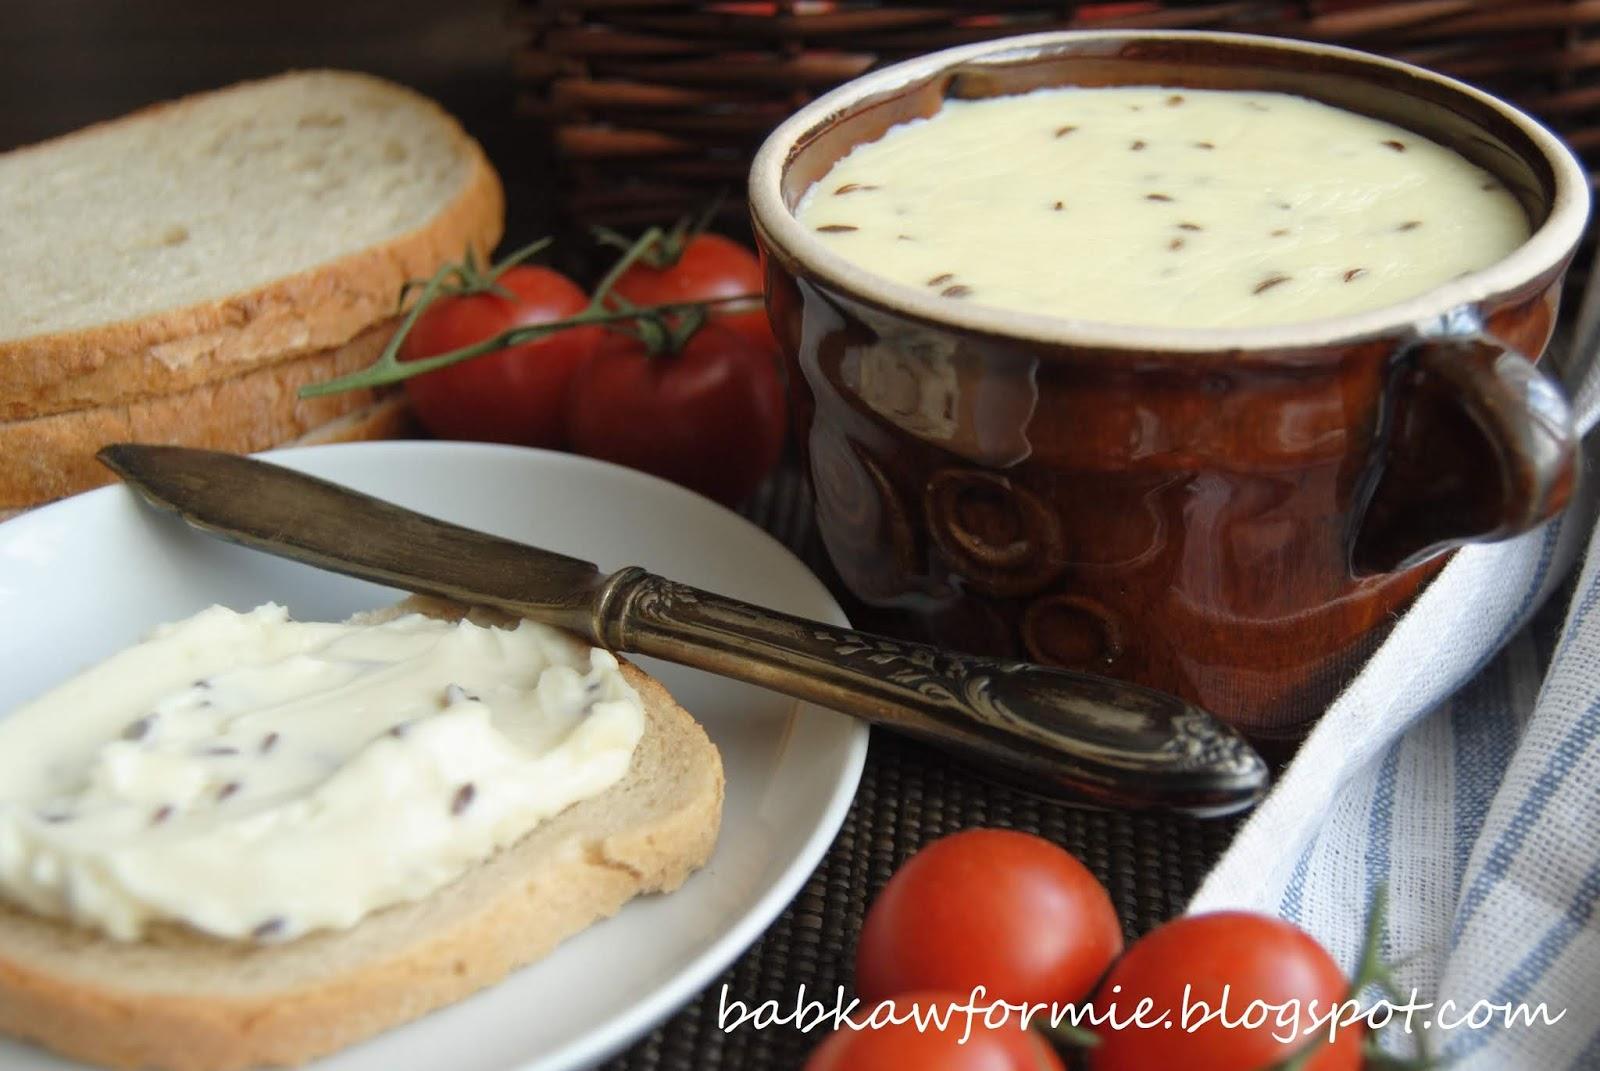 ser smażony z kminkiem - kuchnia regionalna (Kujawy) babkawformie.blogspot.com